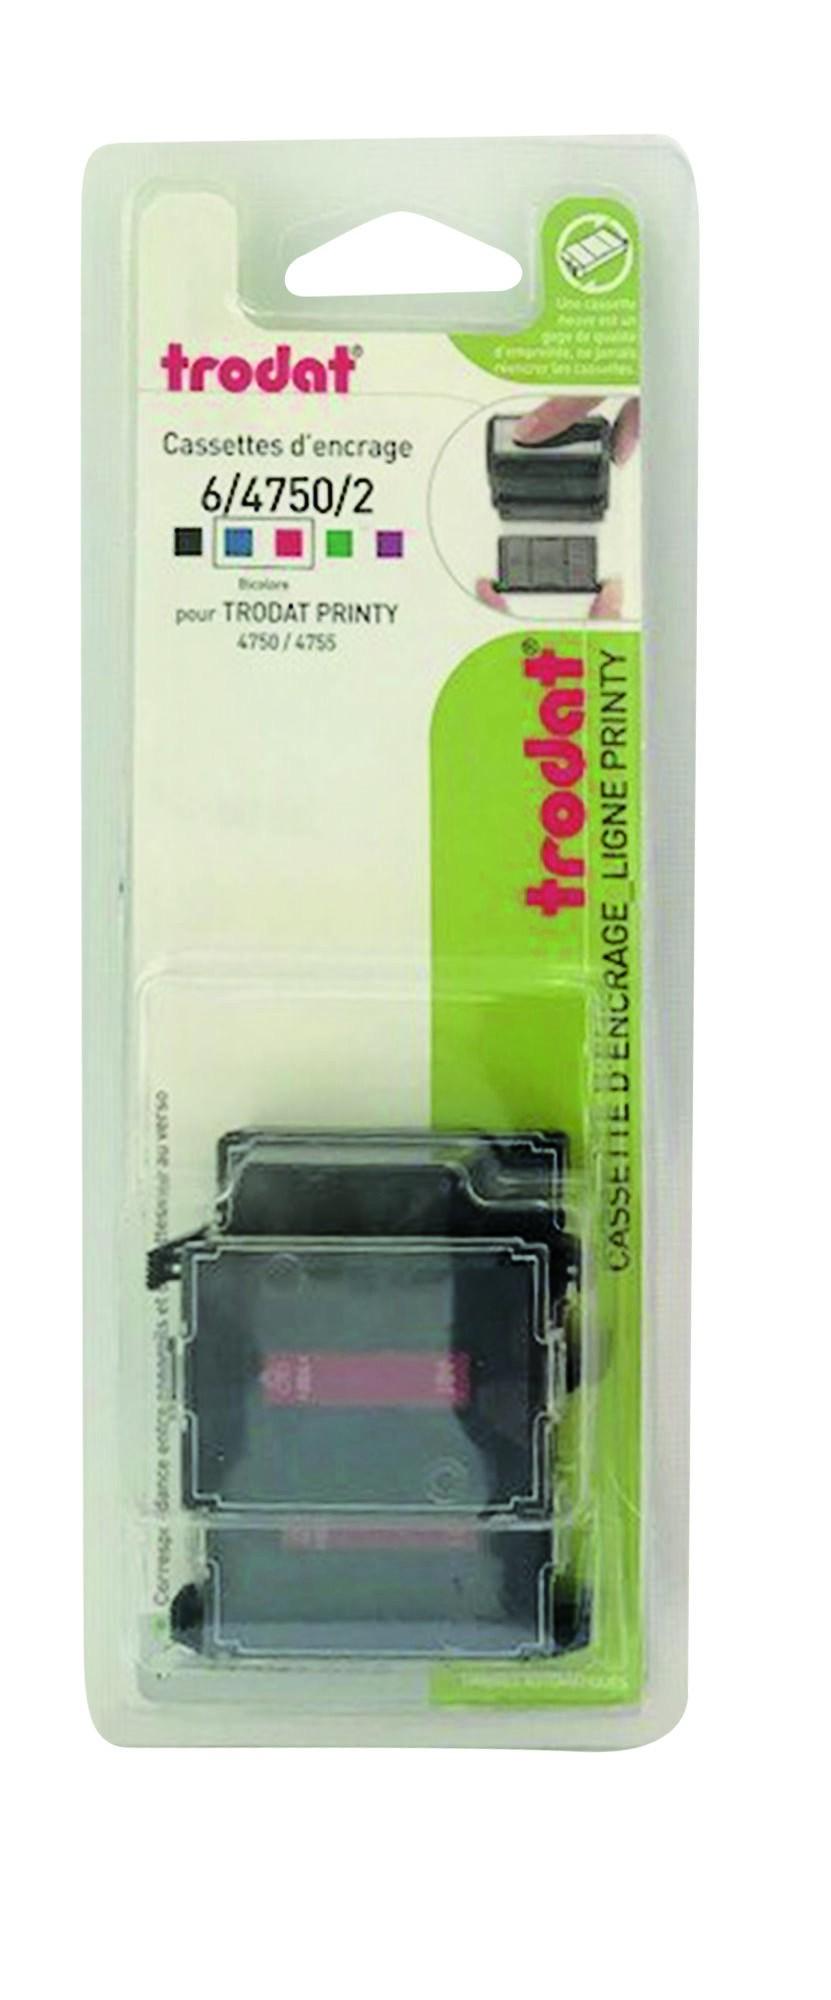 Trodat - 3 Encriers bicolores 6/4750 recharges pour tampon Printy 4755 - bleu/rouge